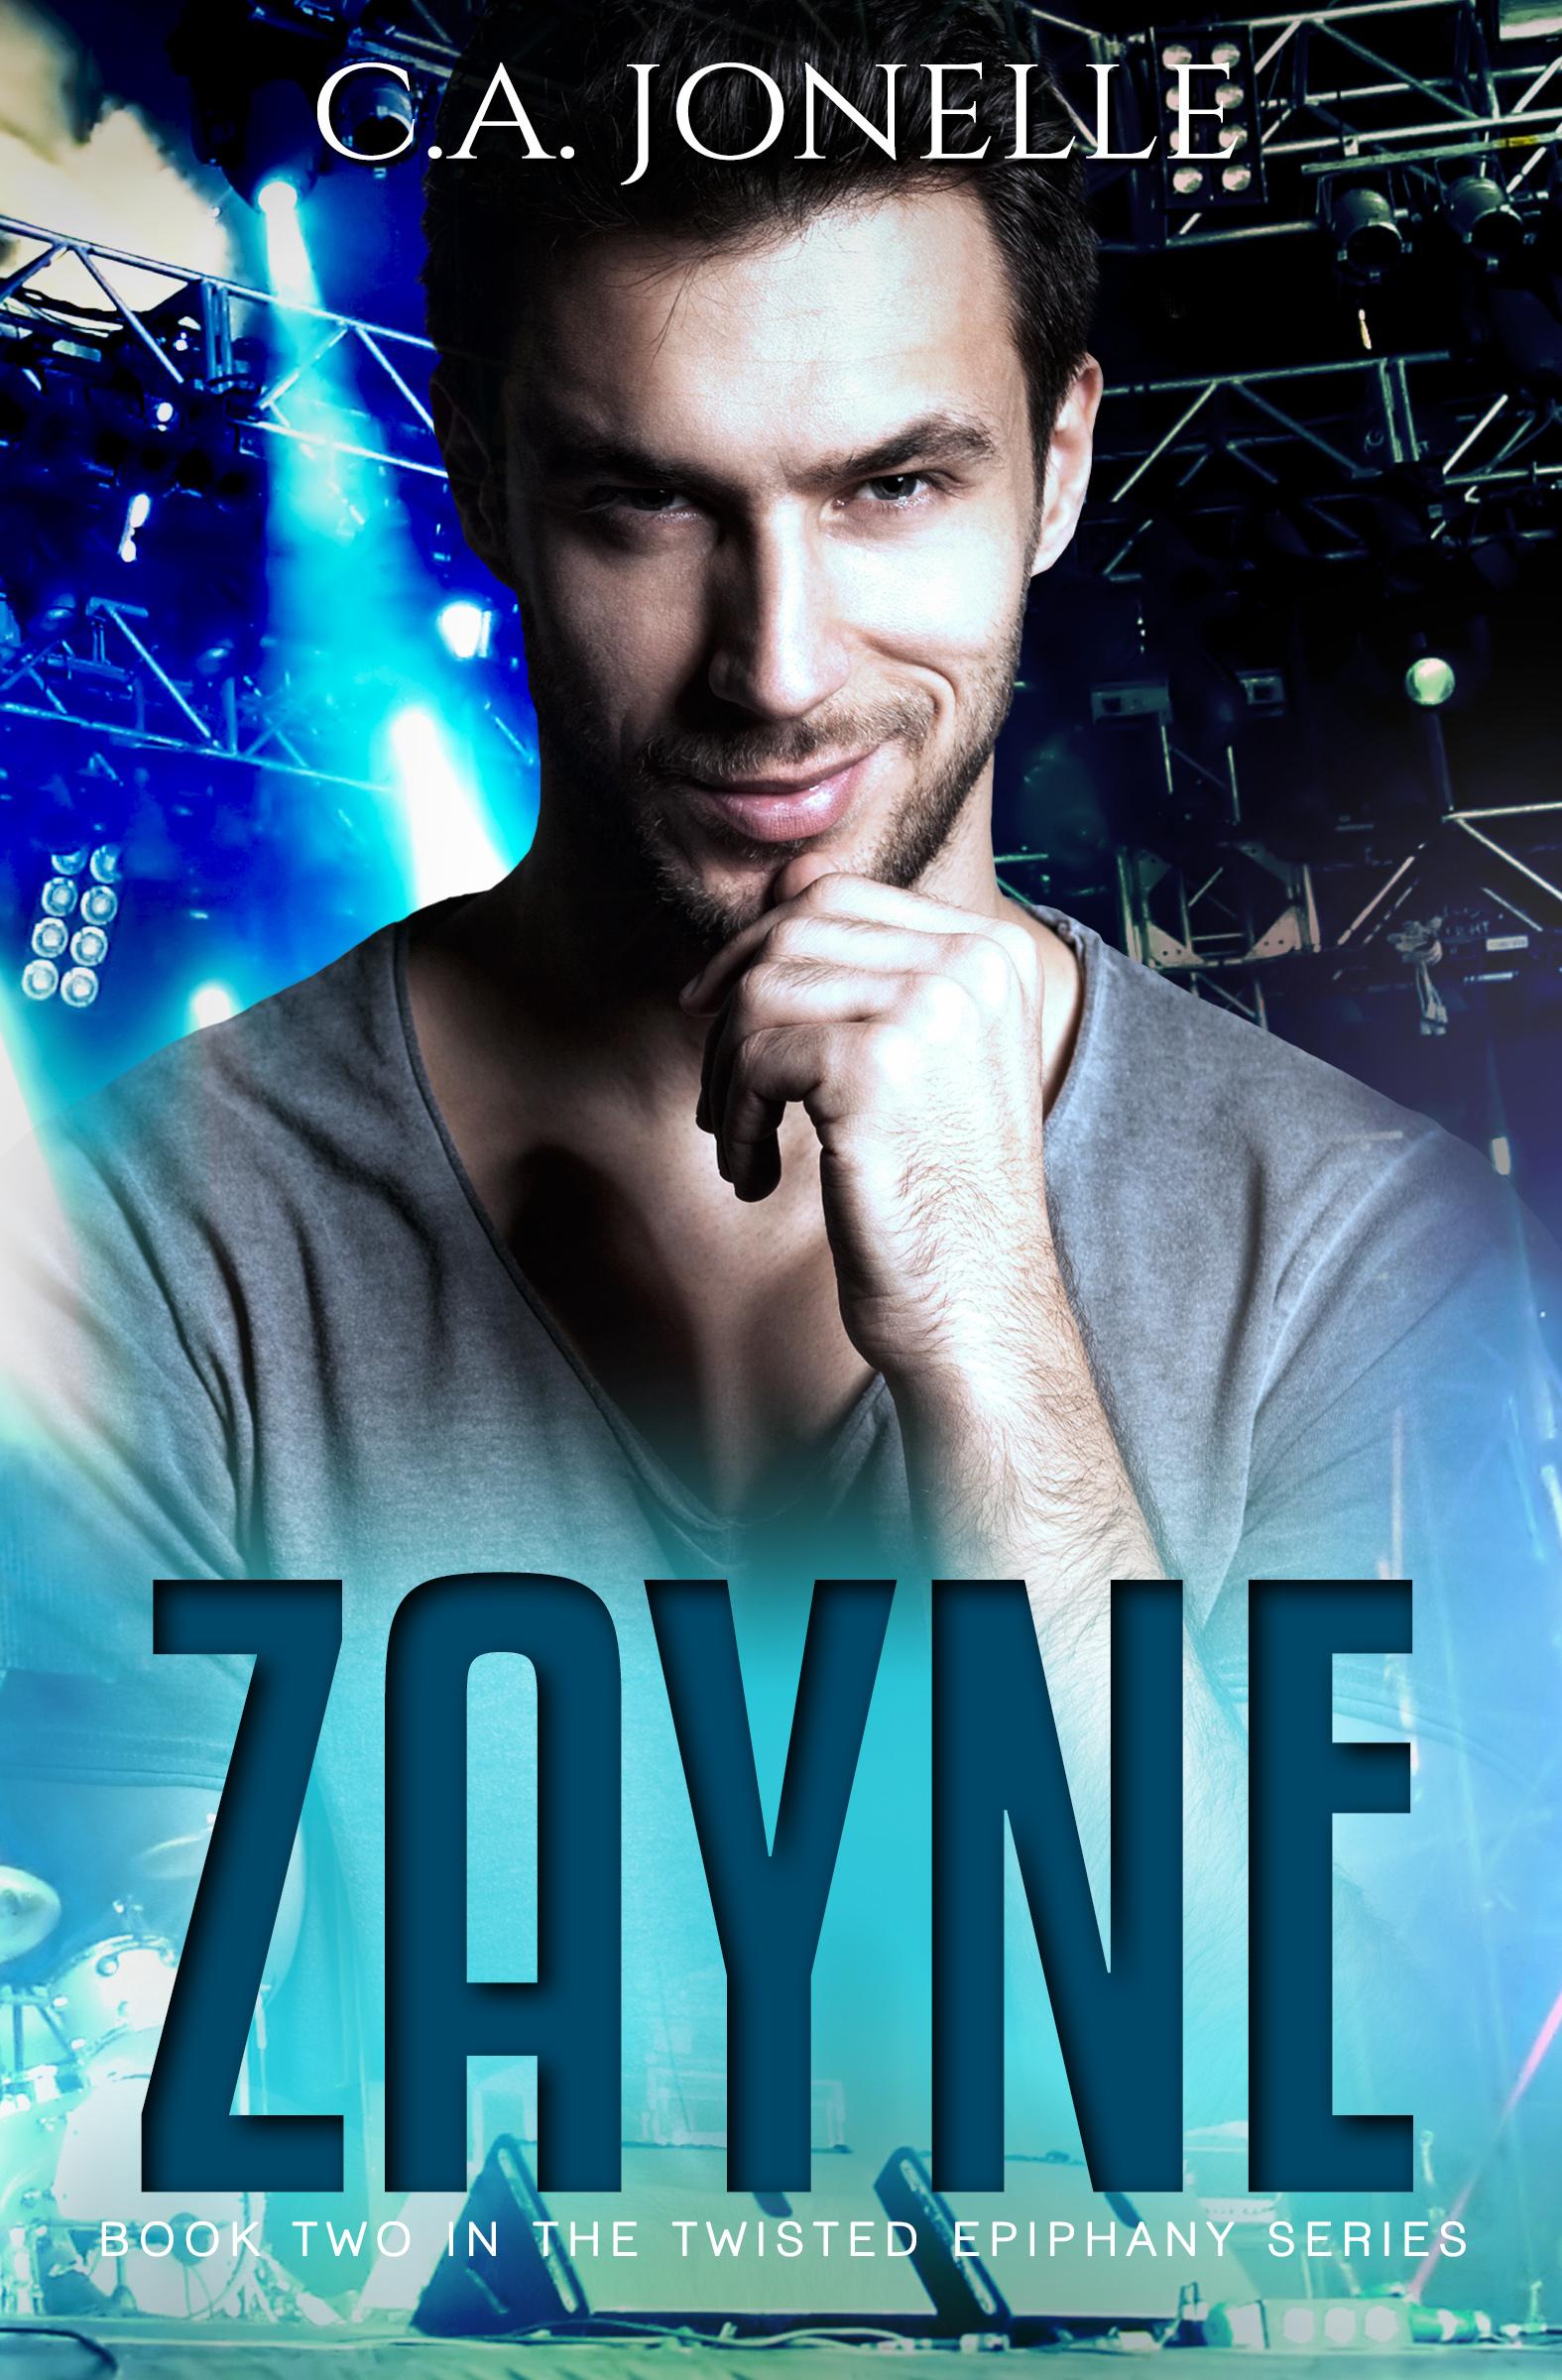 Zayne (Twisted Epiphany, #2)  by  C.A. Jonelle